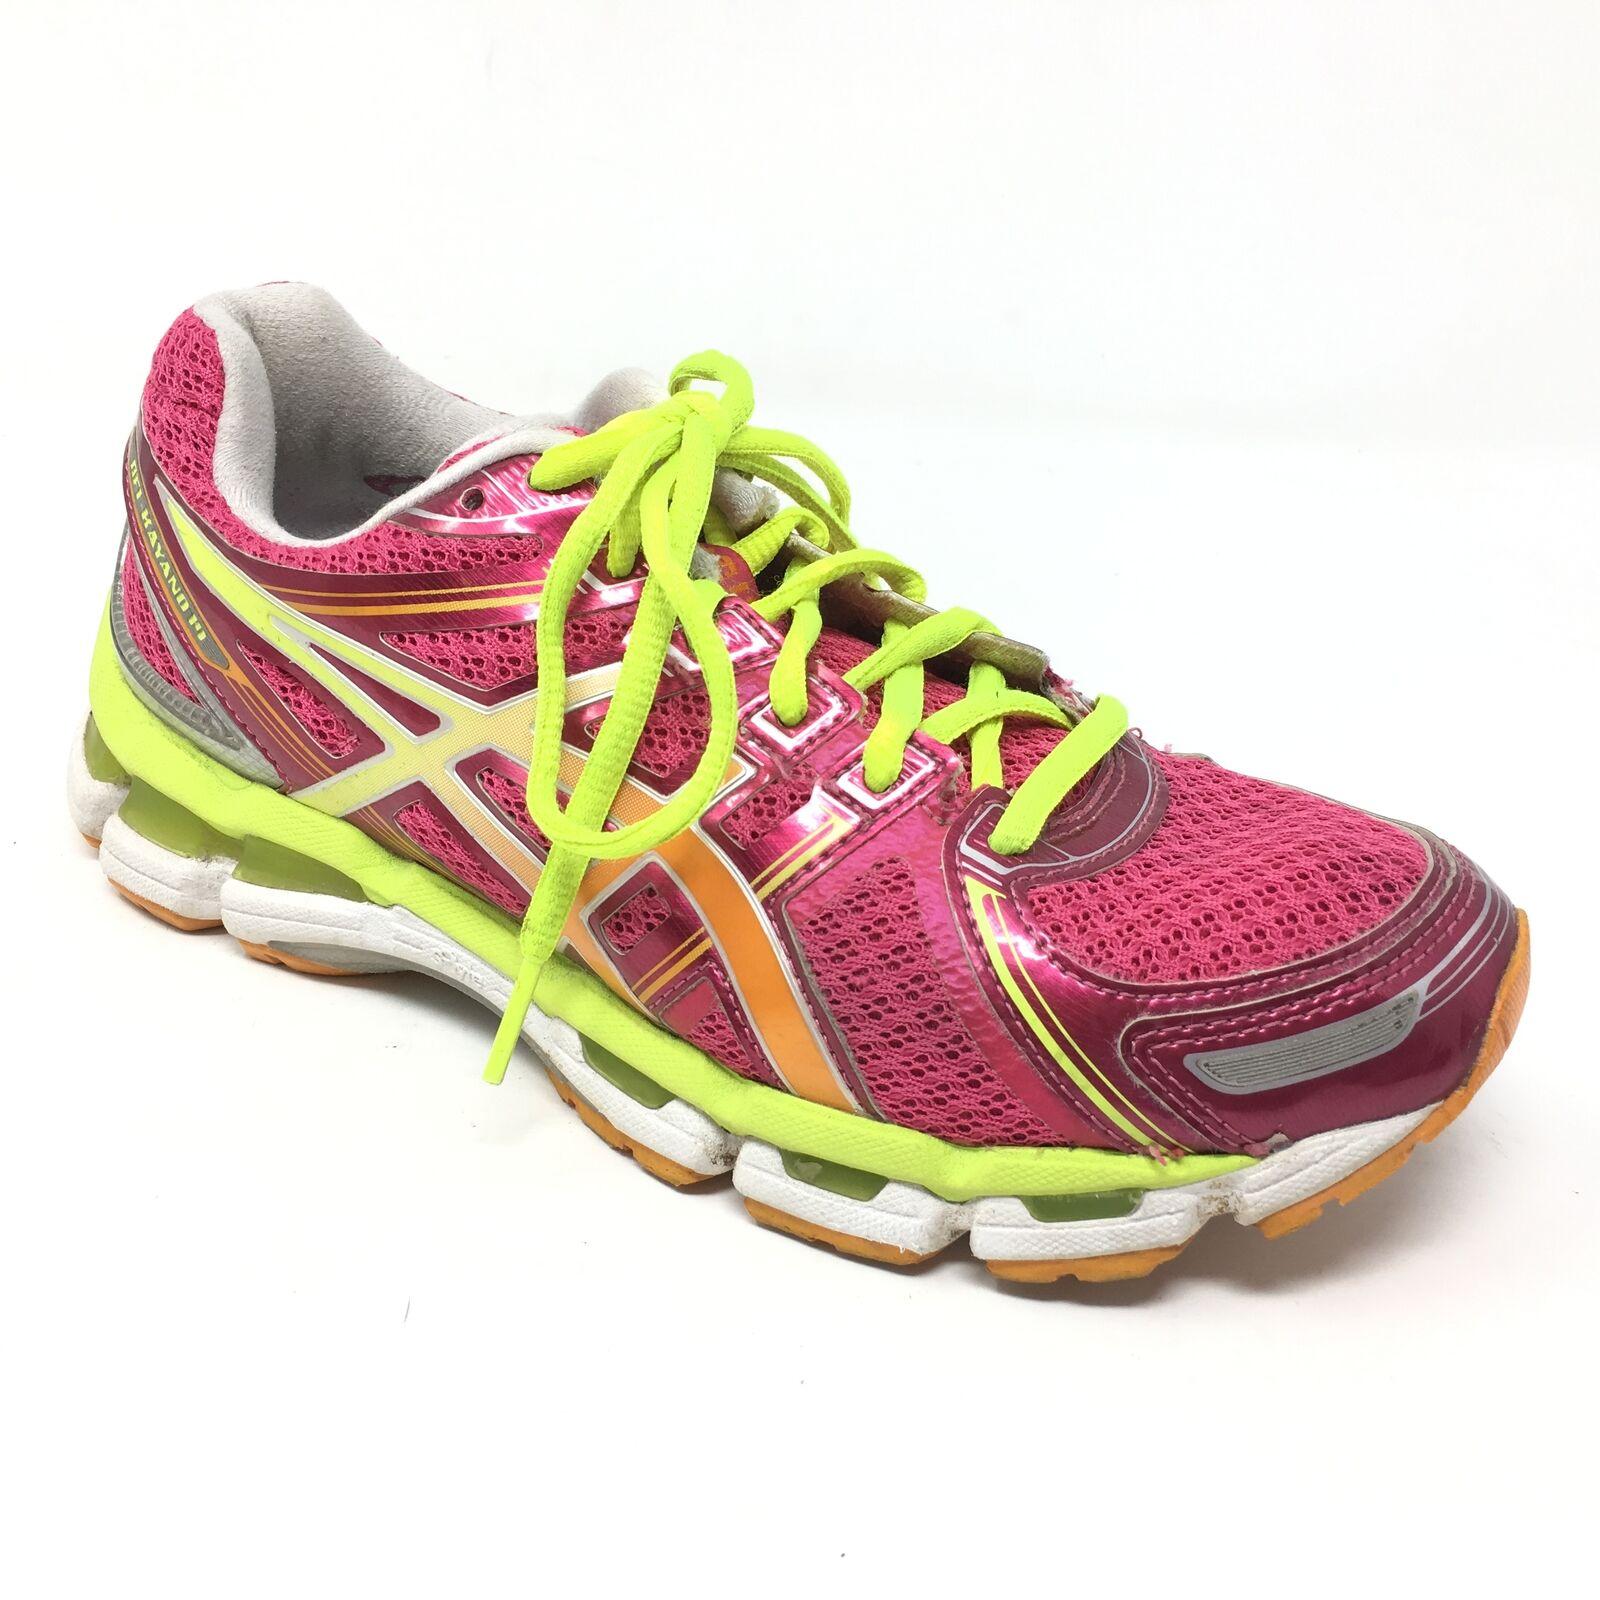 Women's Asics Gel-Kayano 19 Shoes Sneakers Size 7 Running Pink Lime Orange W3